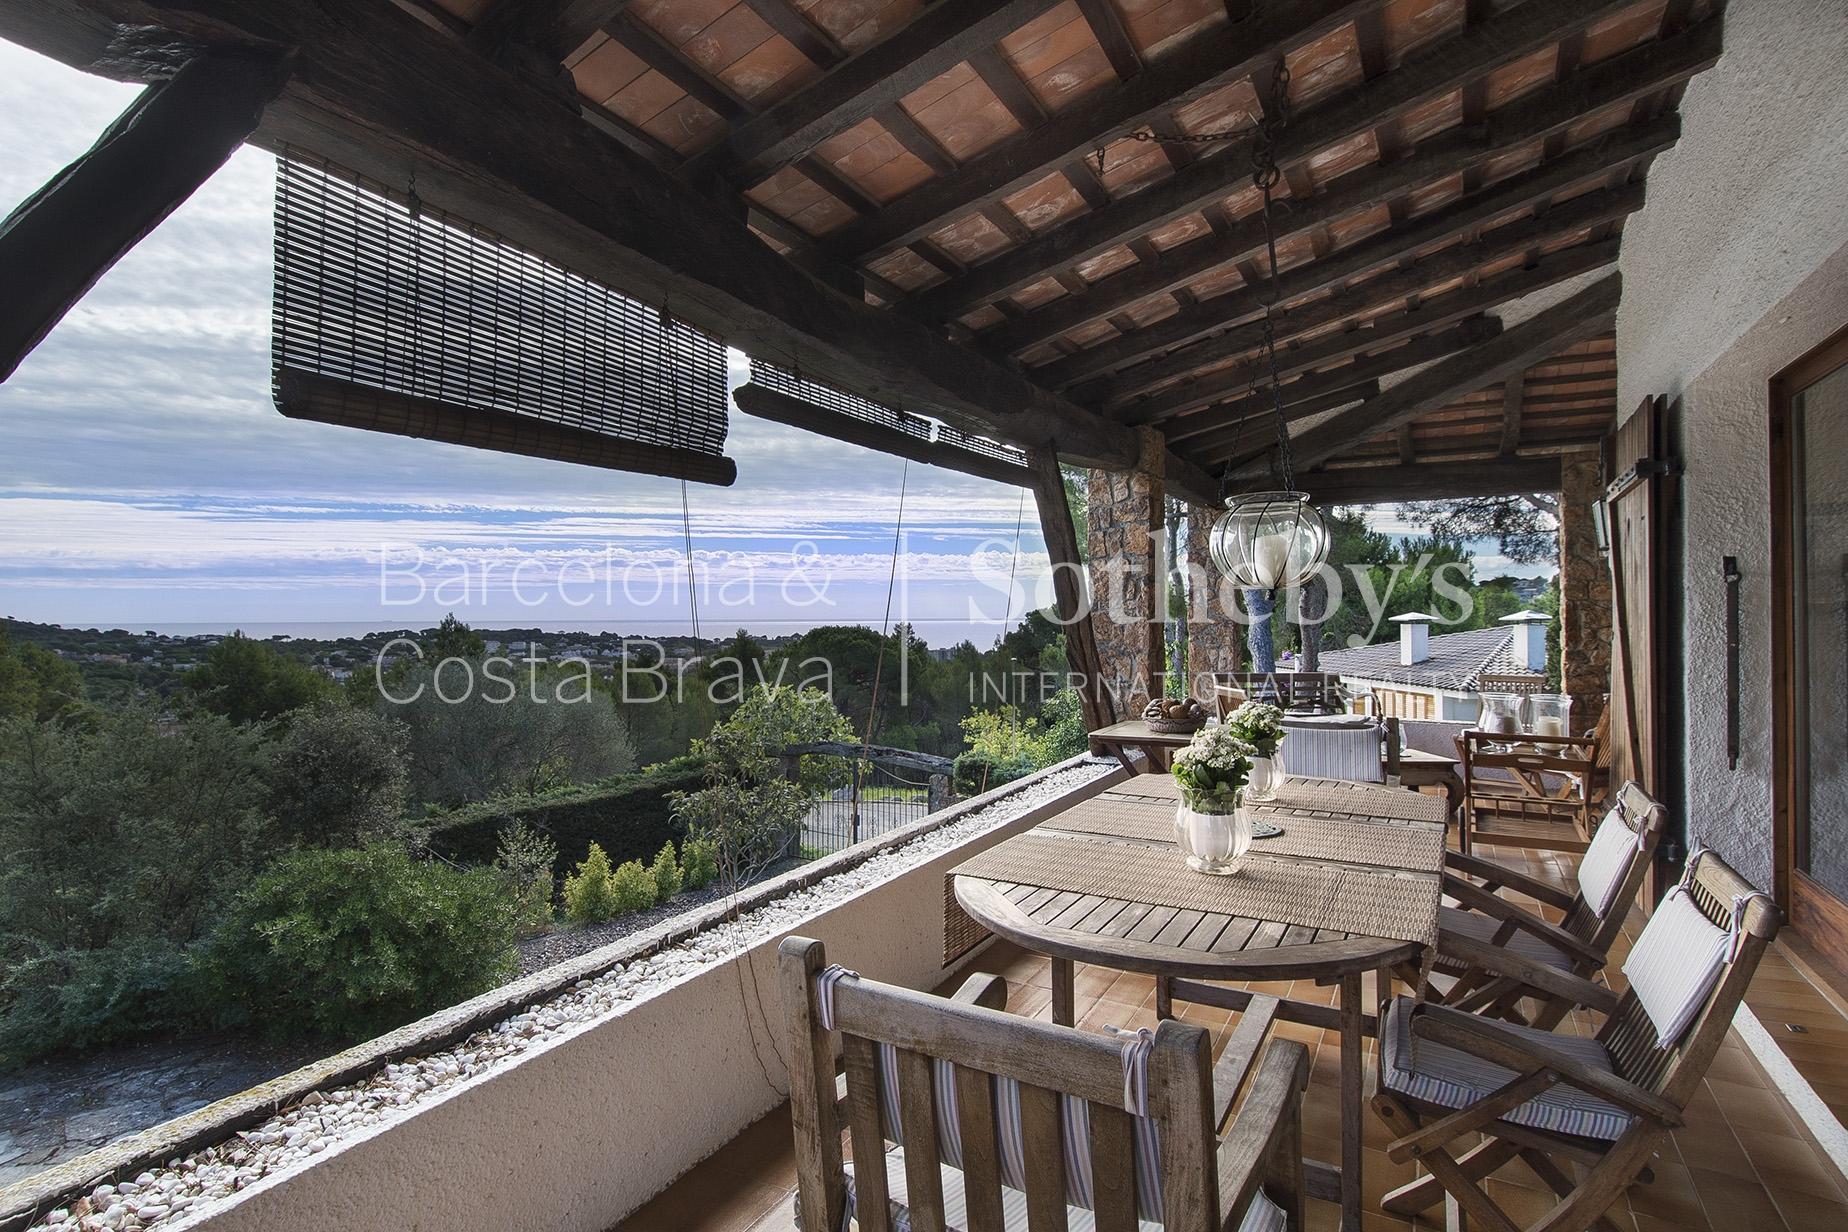 단독 가정 주택 용 매매 에 Lovely detached house with sea views S'Agaro, Costa Brava 17248 스페인